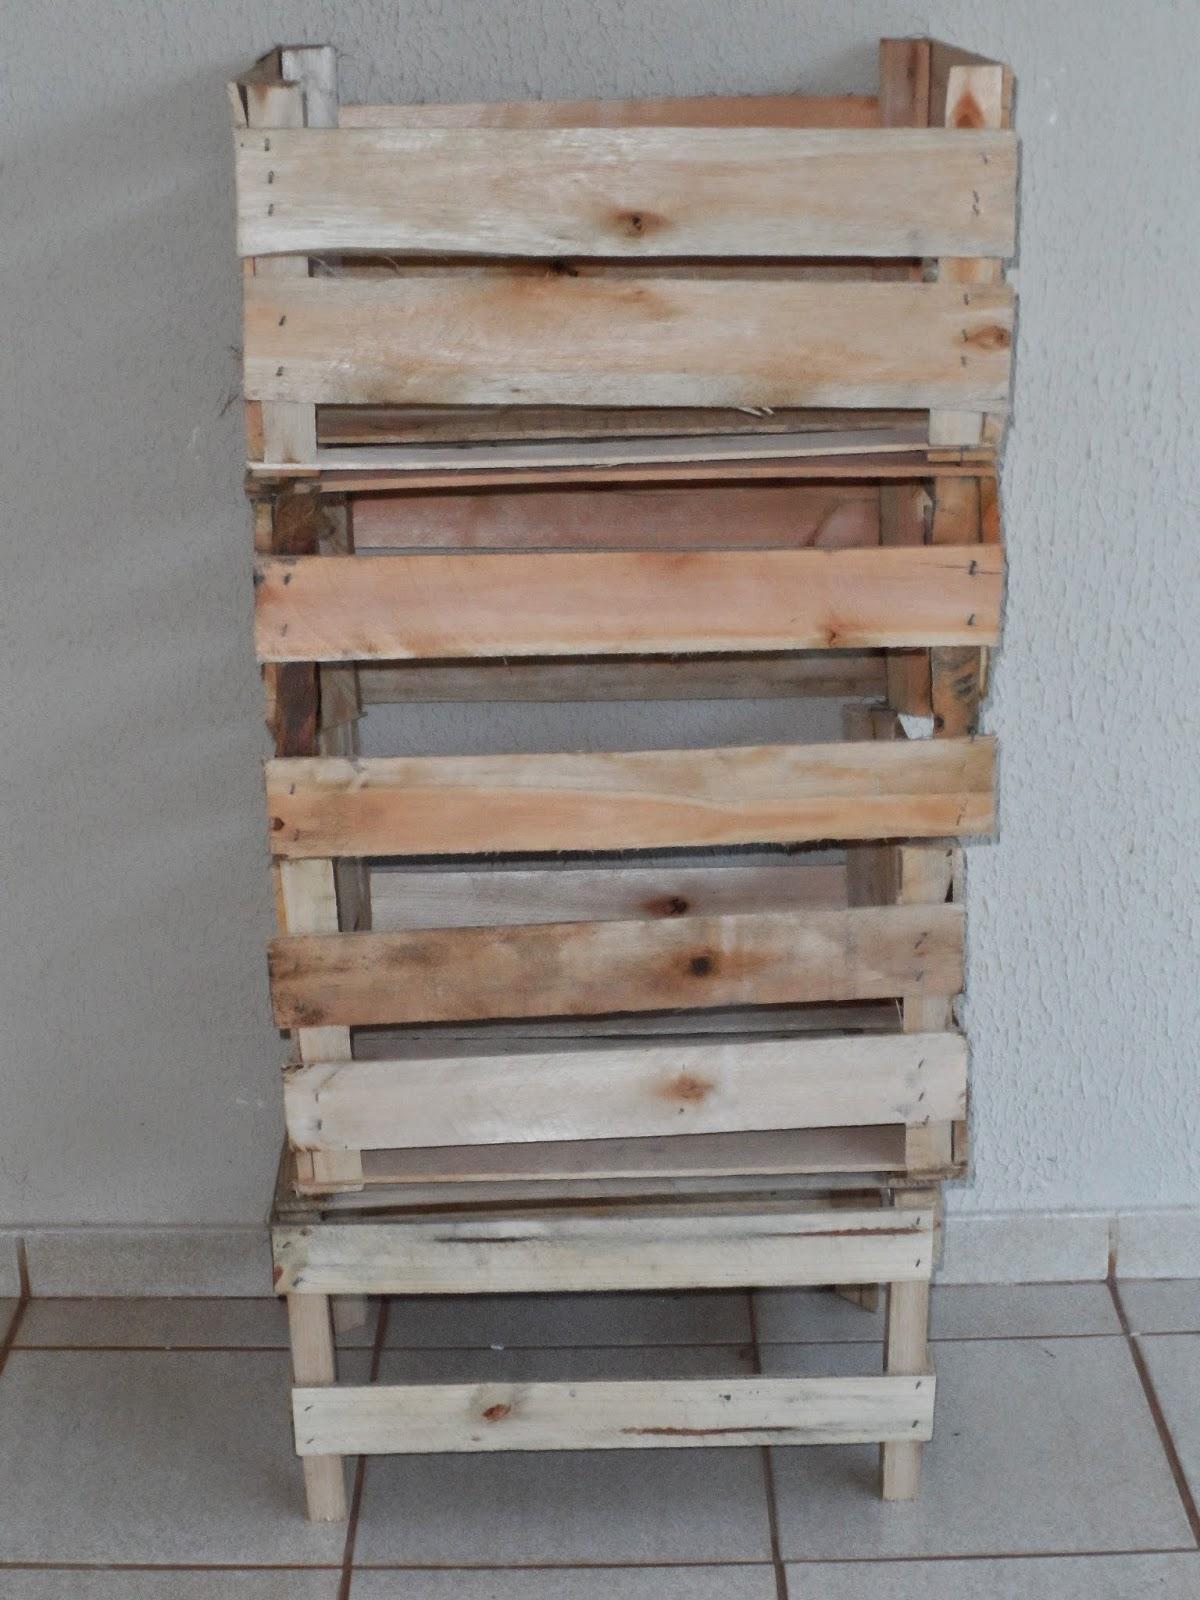 Sabem aqueles caixotes de madeiraque sobram em estabelecimentos  #796252 1200x1600